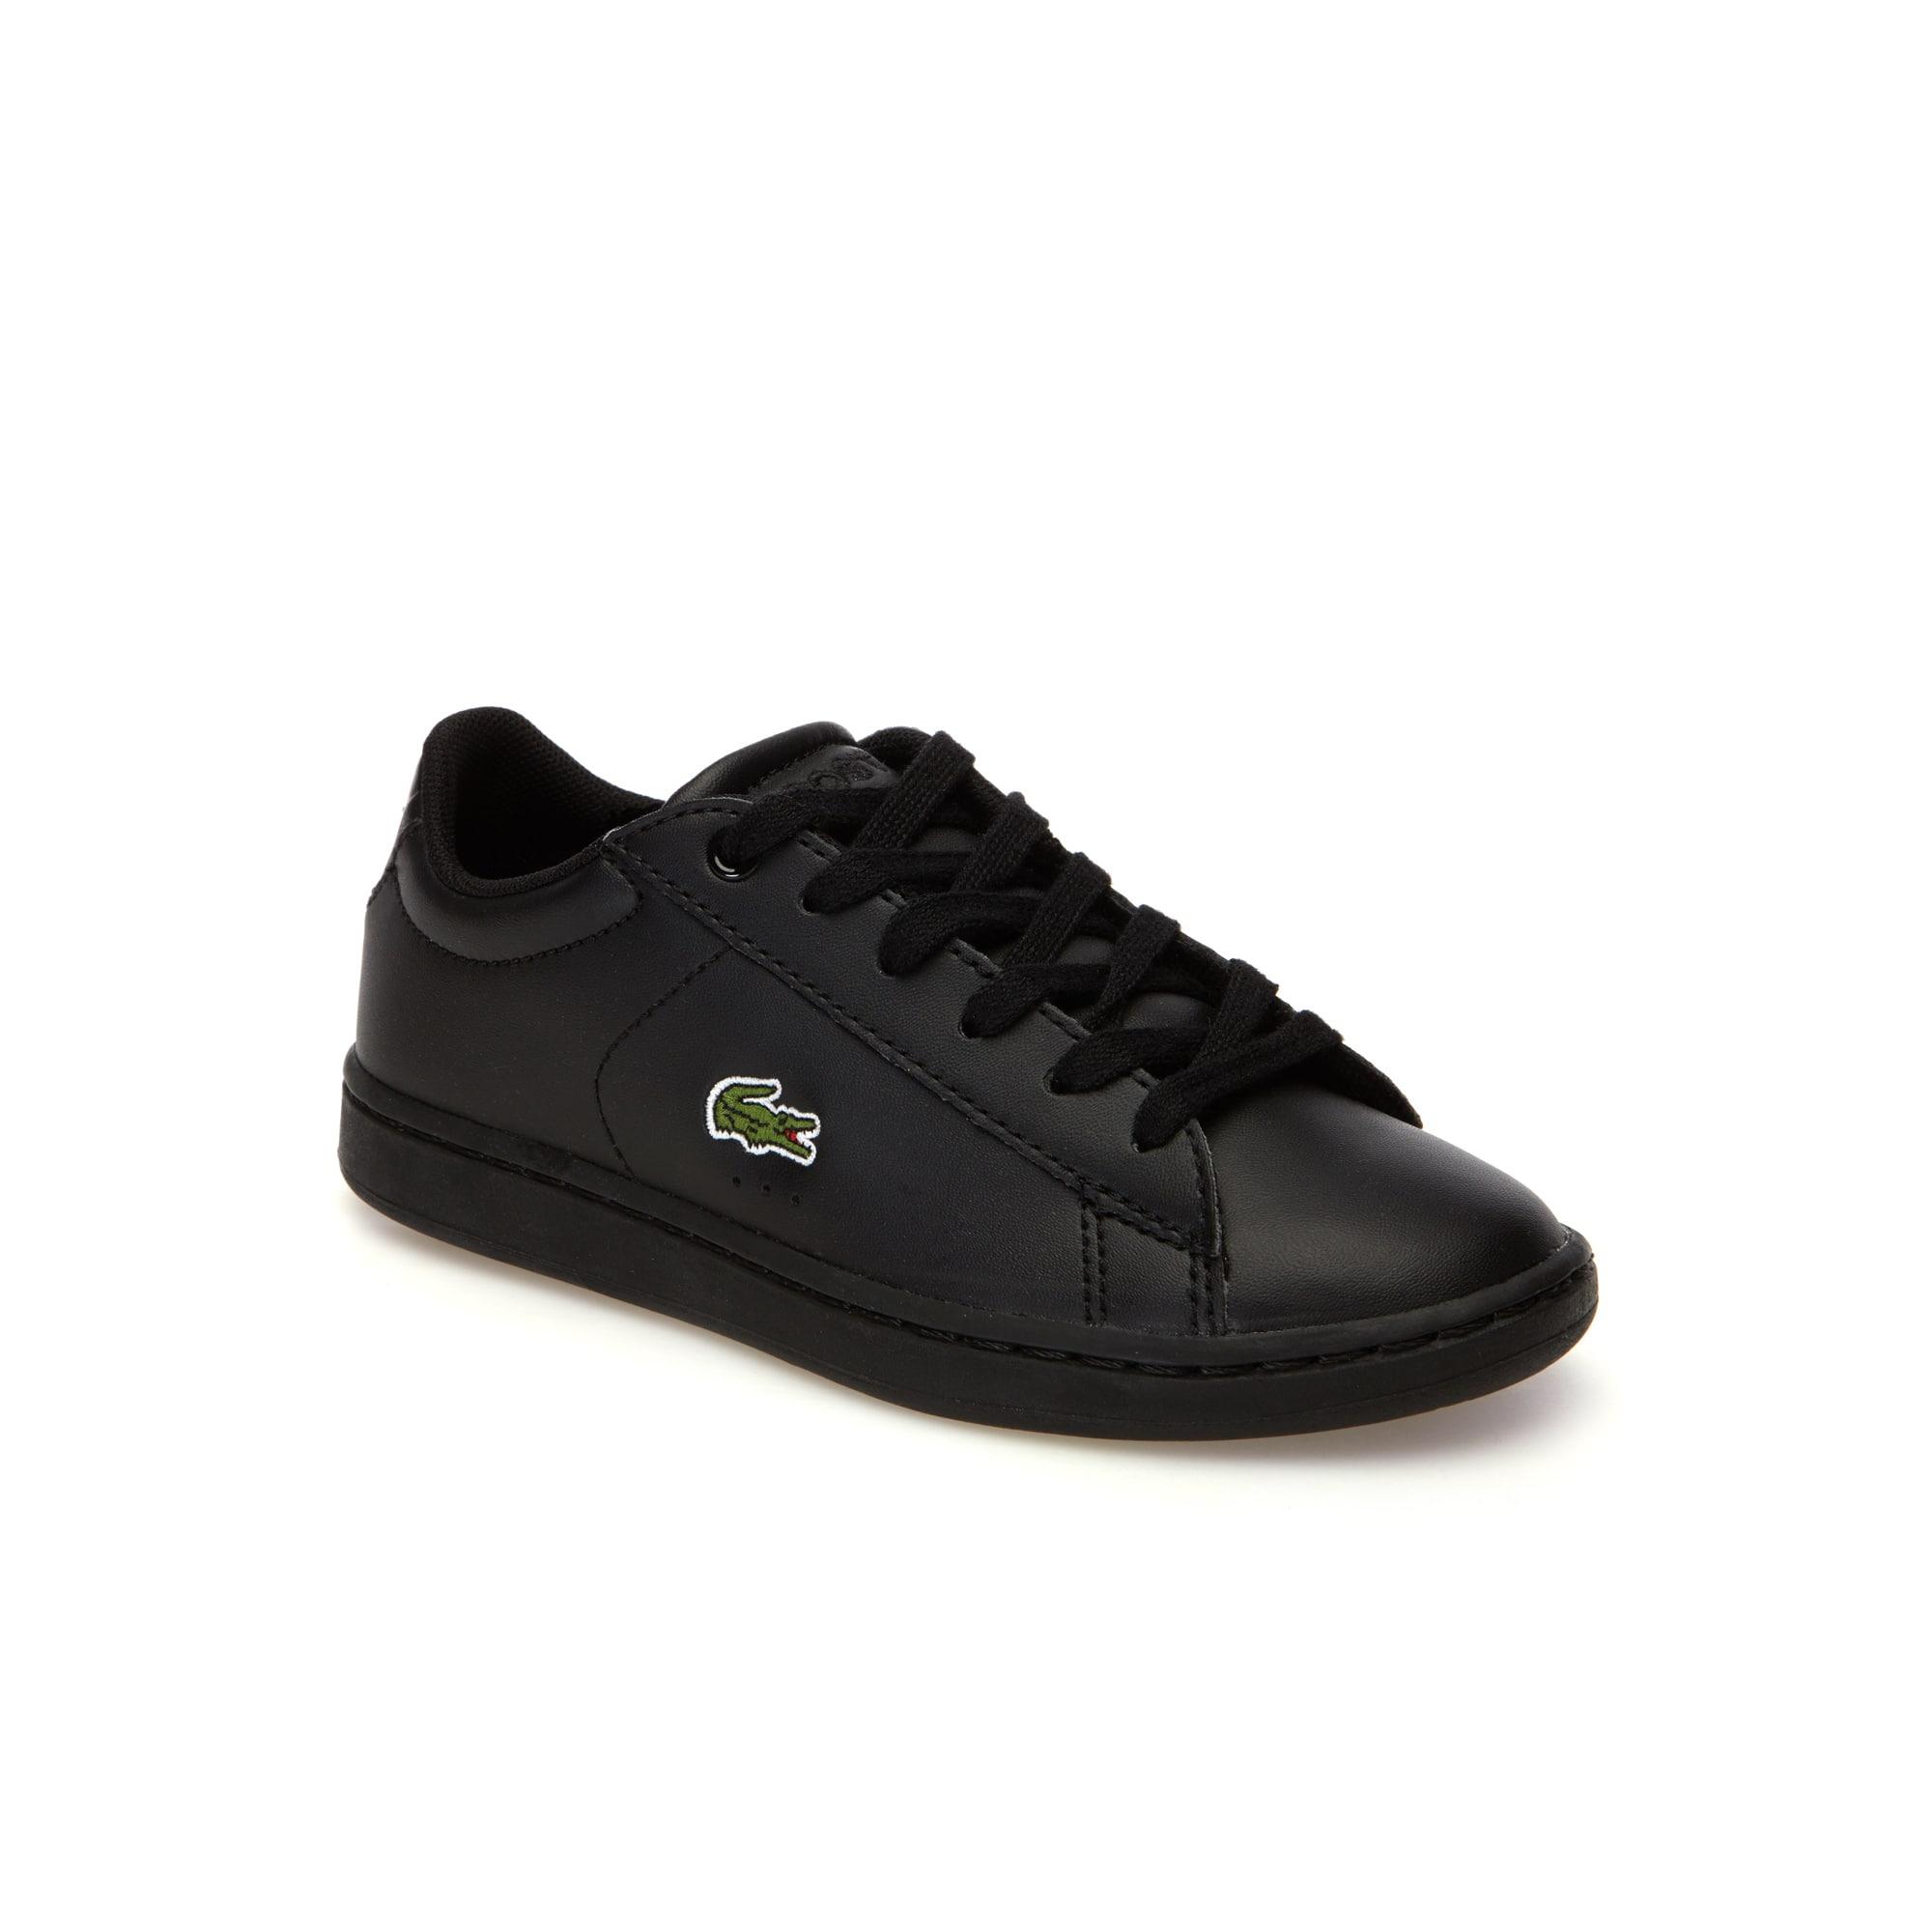 Kinder-Sneakers CARNABY EVO in Leder-Optik und Piqué-Mesh